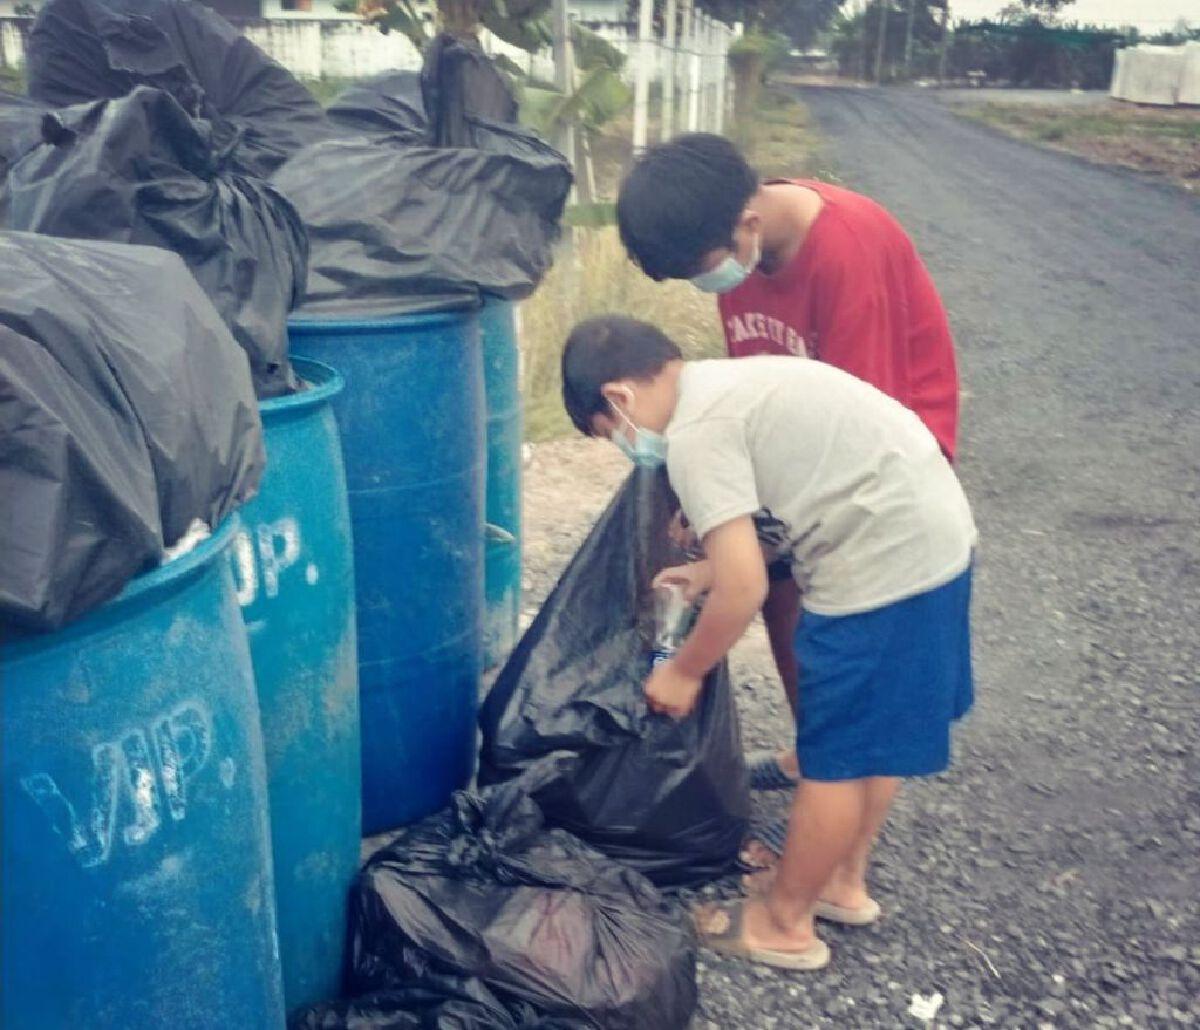 หนุ่มเผยแชท หนูน้อยวัย 14 ประกาศขายไตหวังเลี้ยงแม่และน้อง